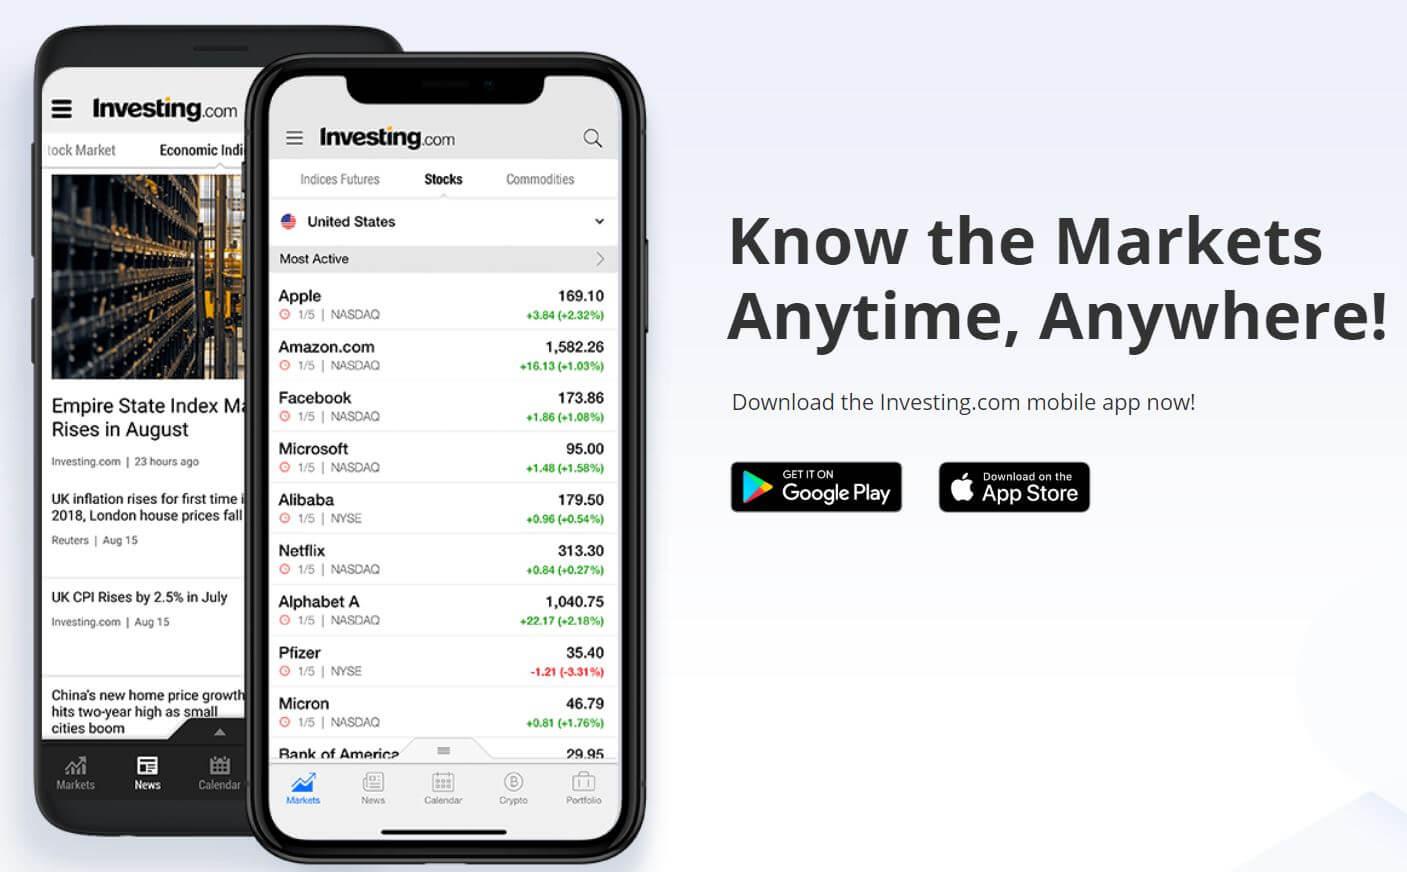 investing.com mobile app